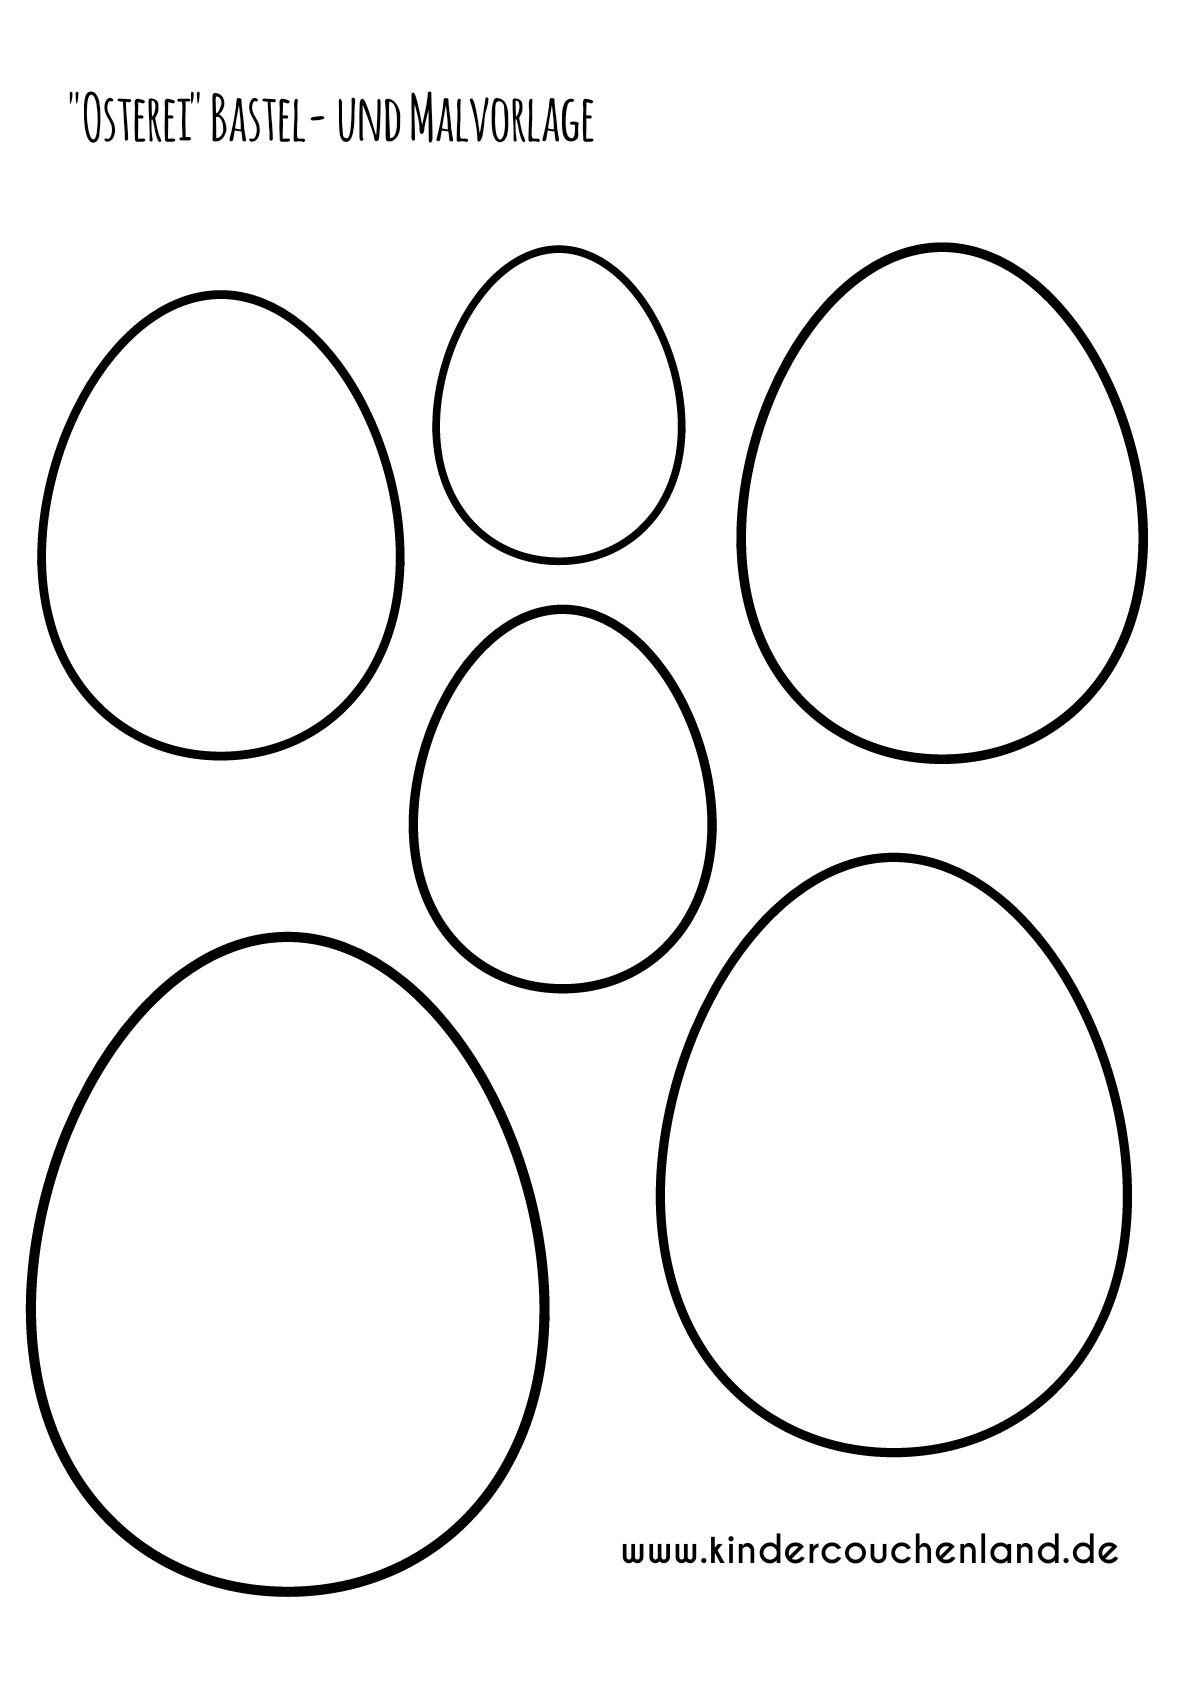 Ostereier Basteln Mit Kindern Mit Vorlage